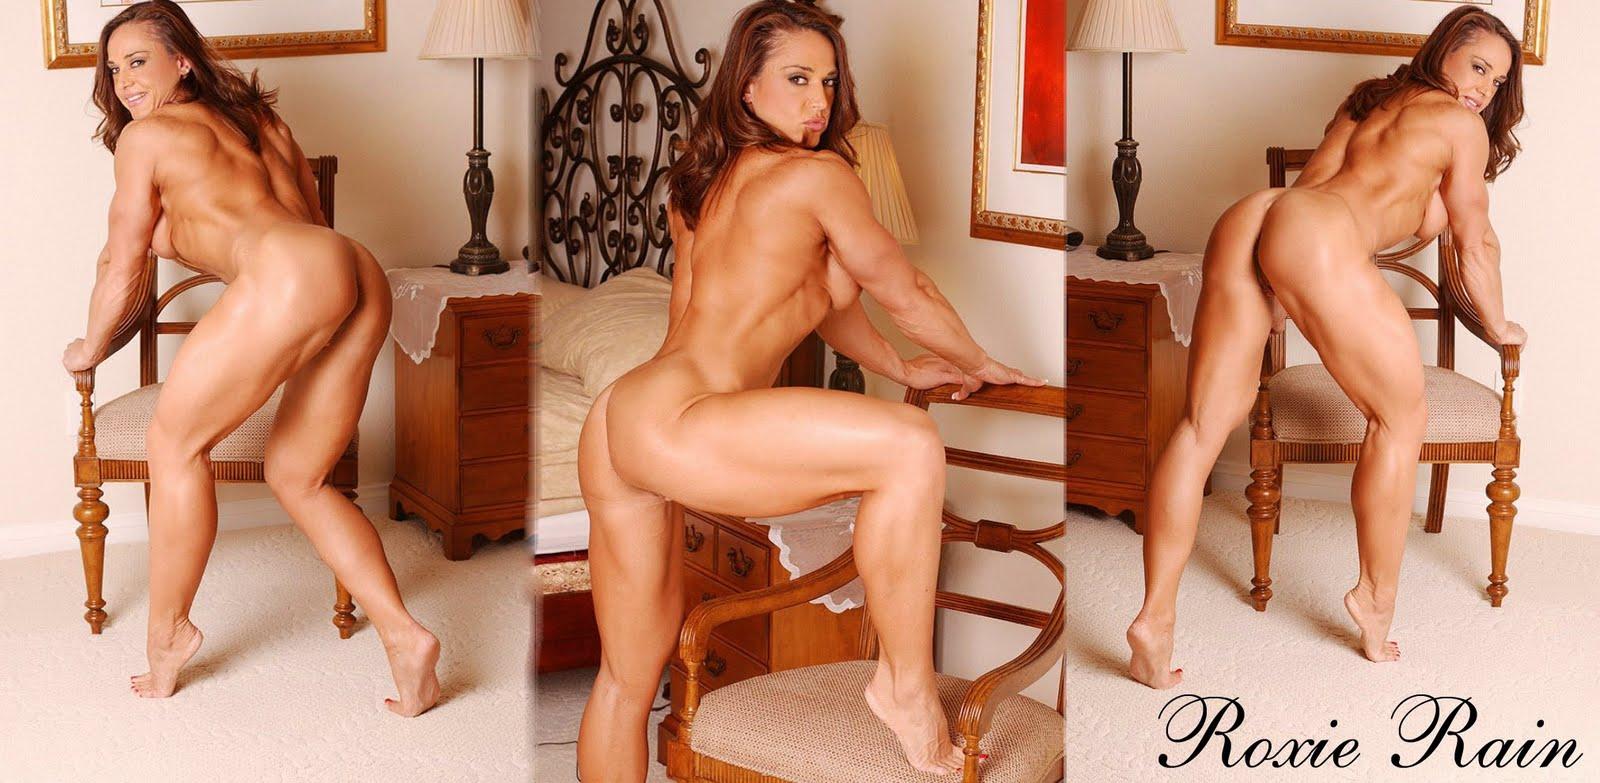 С женщиной бодибилдером секс, Порно с накачанными, мускулистыми женщинами 3 фотография